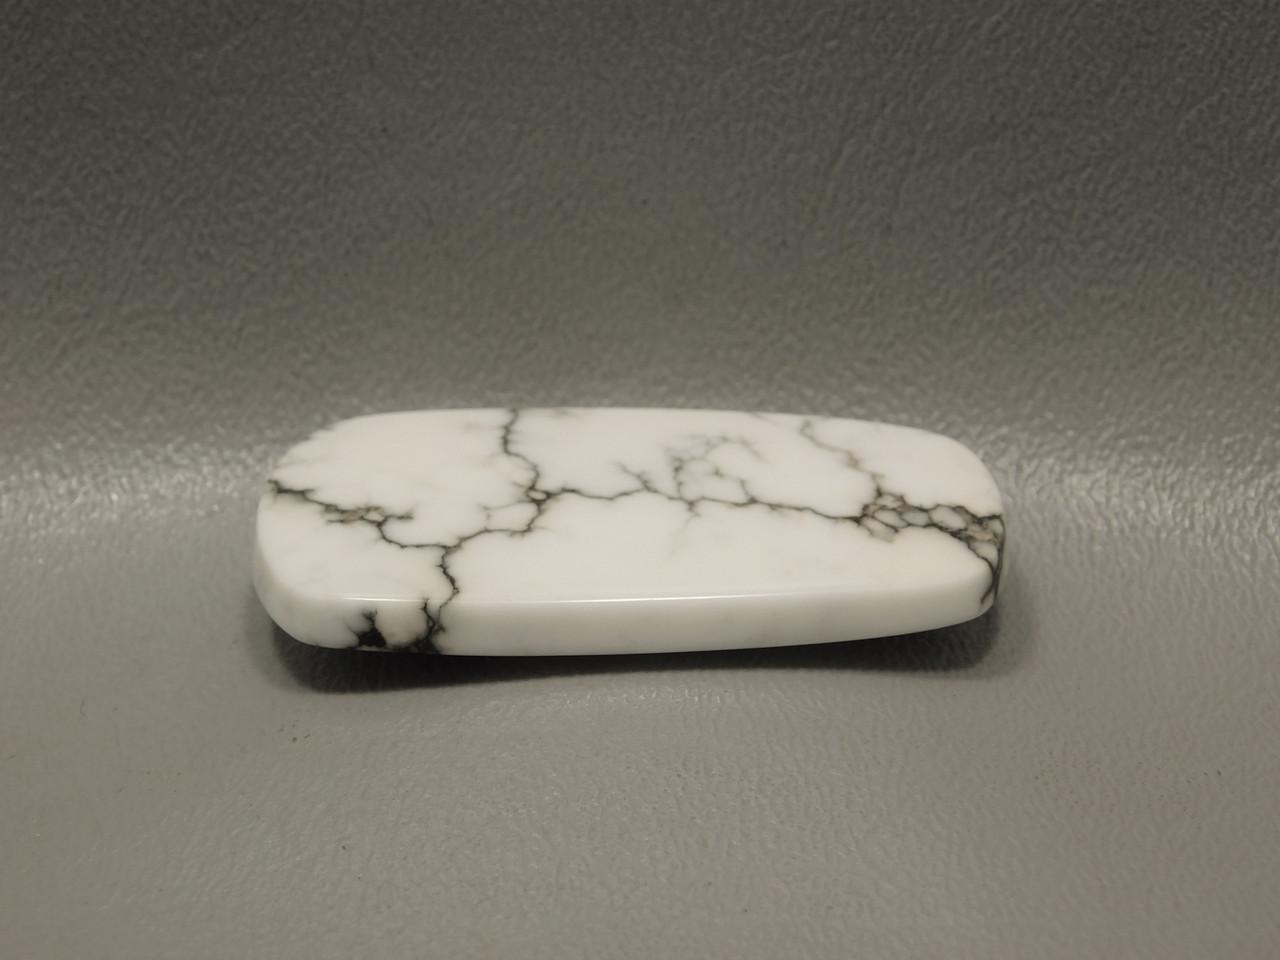 Cabochon Howlite Custom Cut Freeform Stone #10